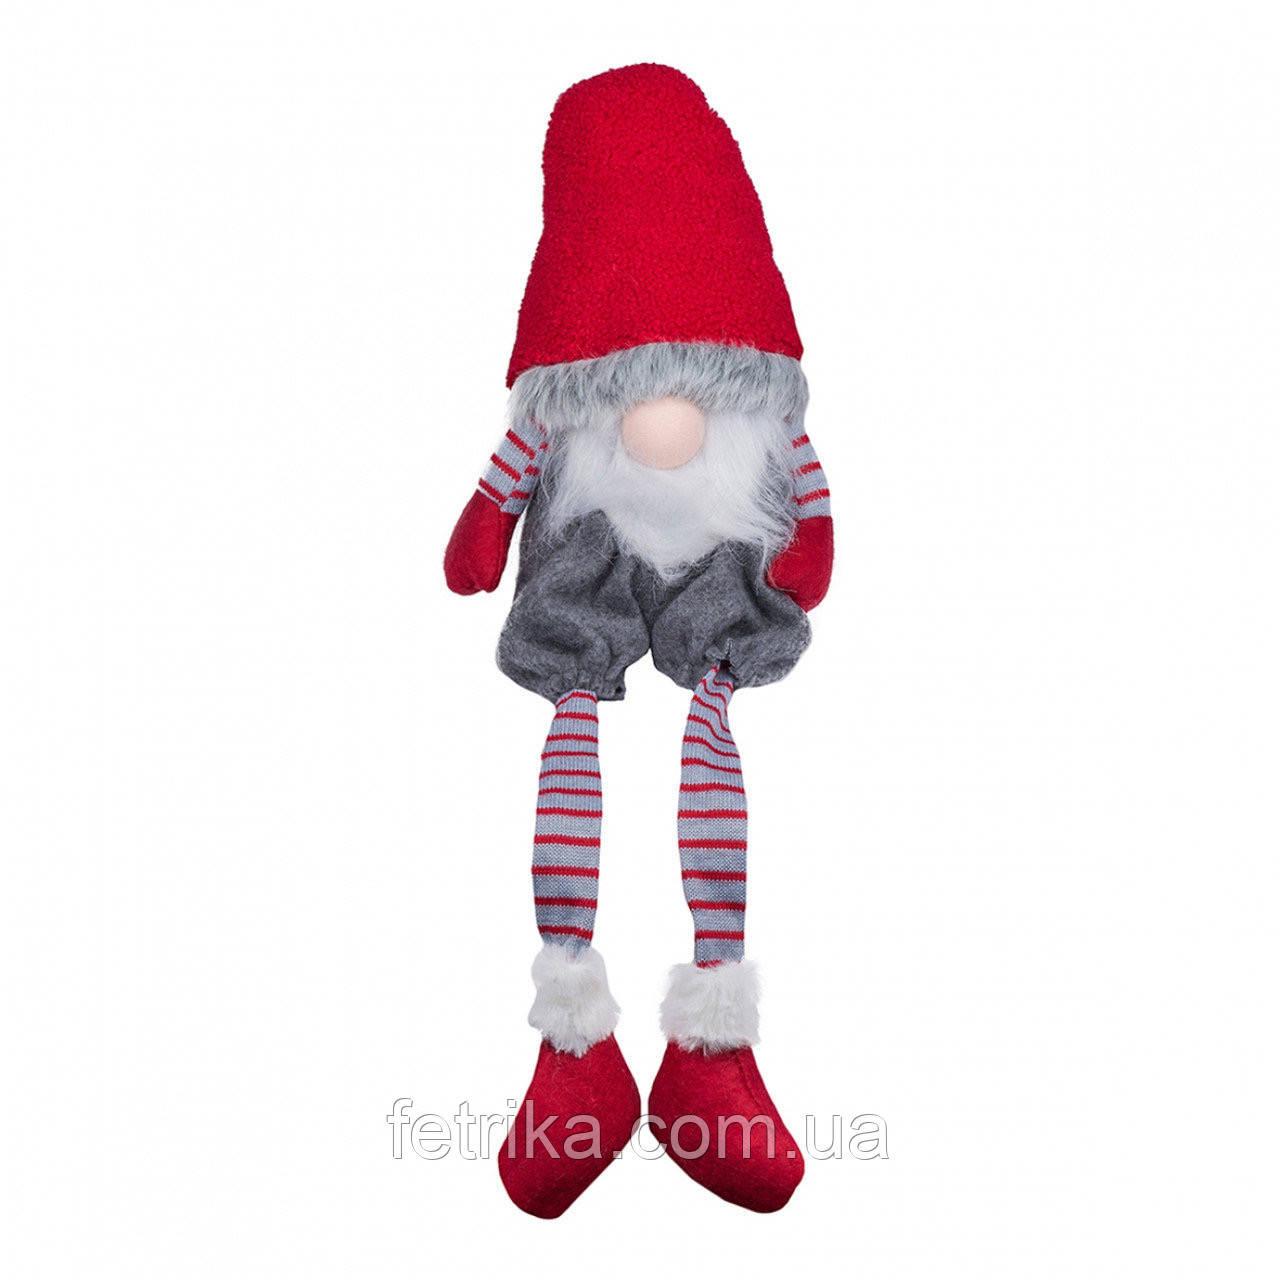 Декоративный новогодний гном, 19*12*73 см, красный